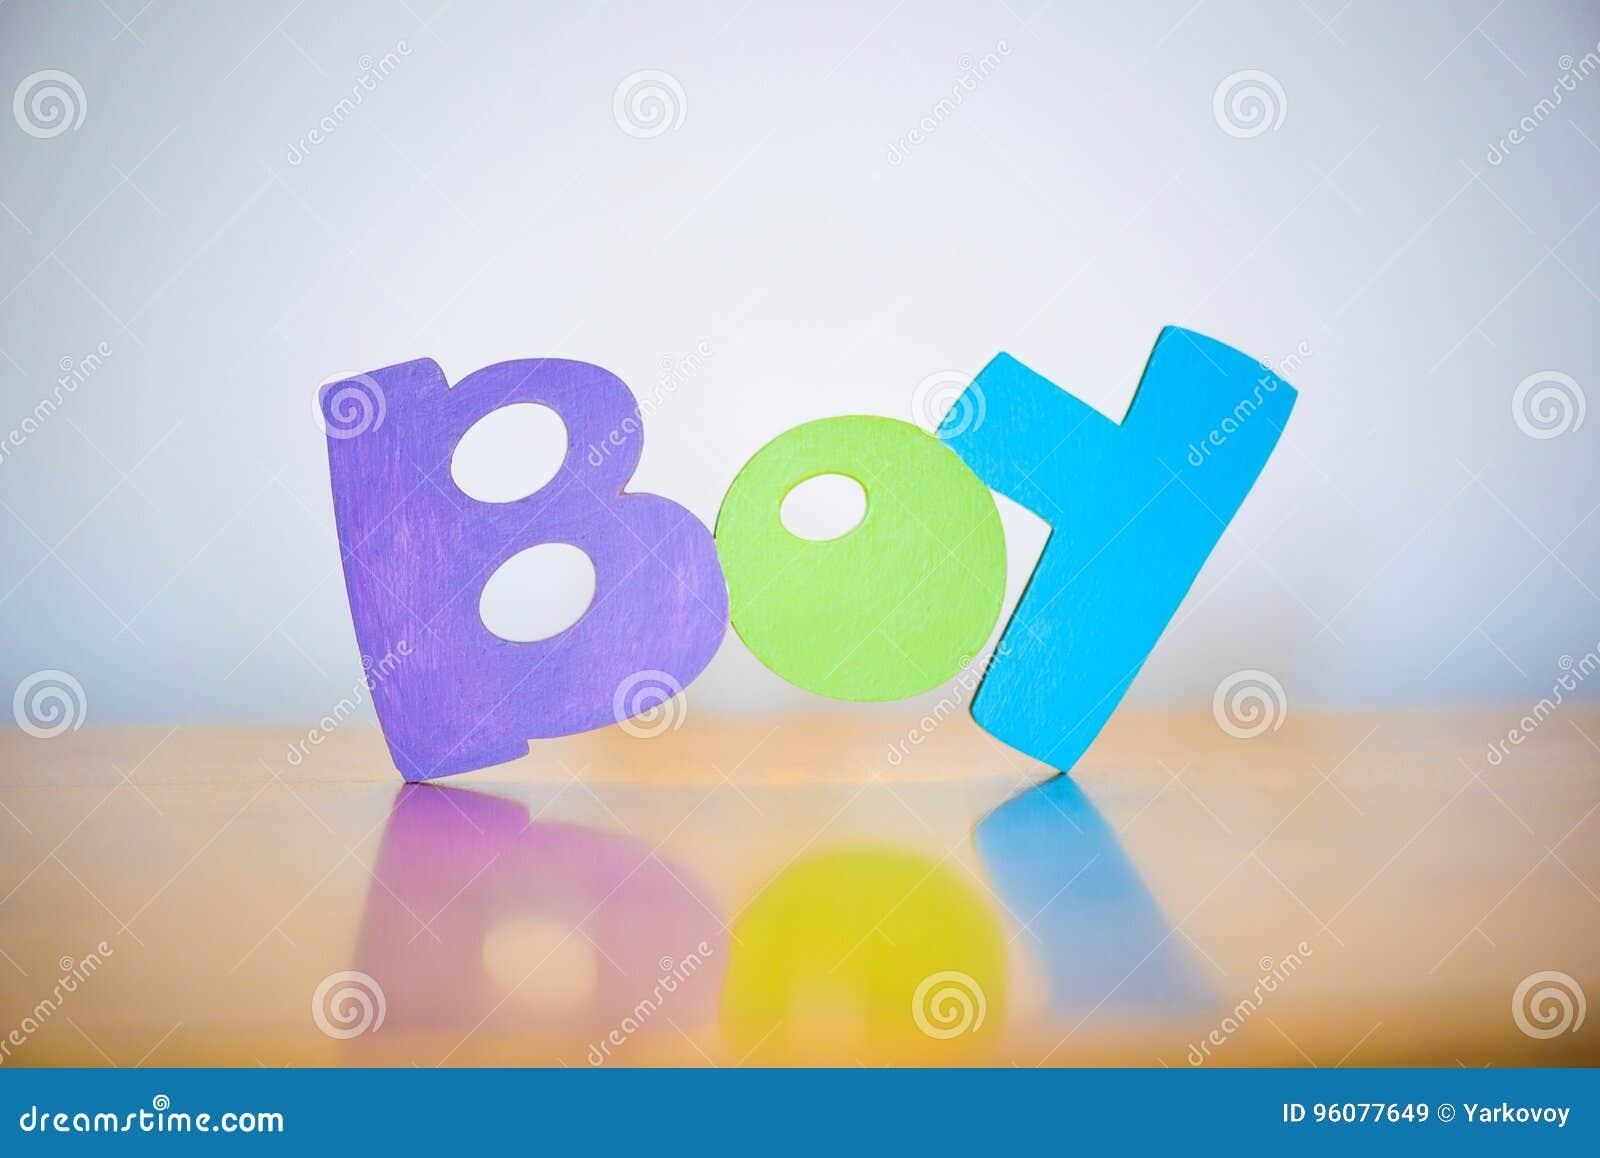 Lettere Di Legno Colorate : Mandi un sms delle alle lettere di legno colorate multi del